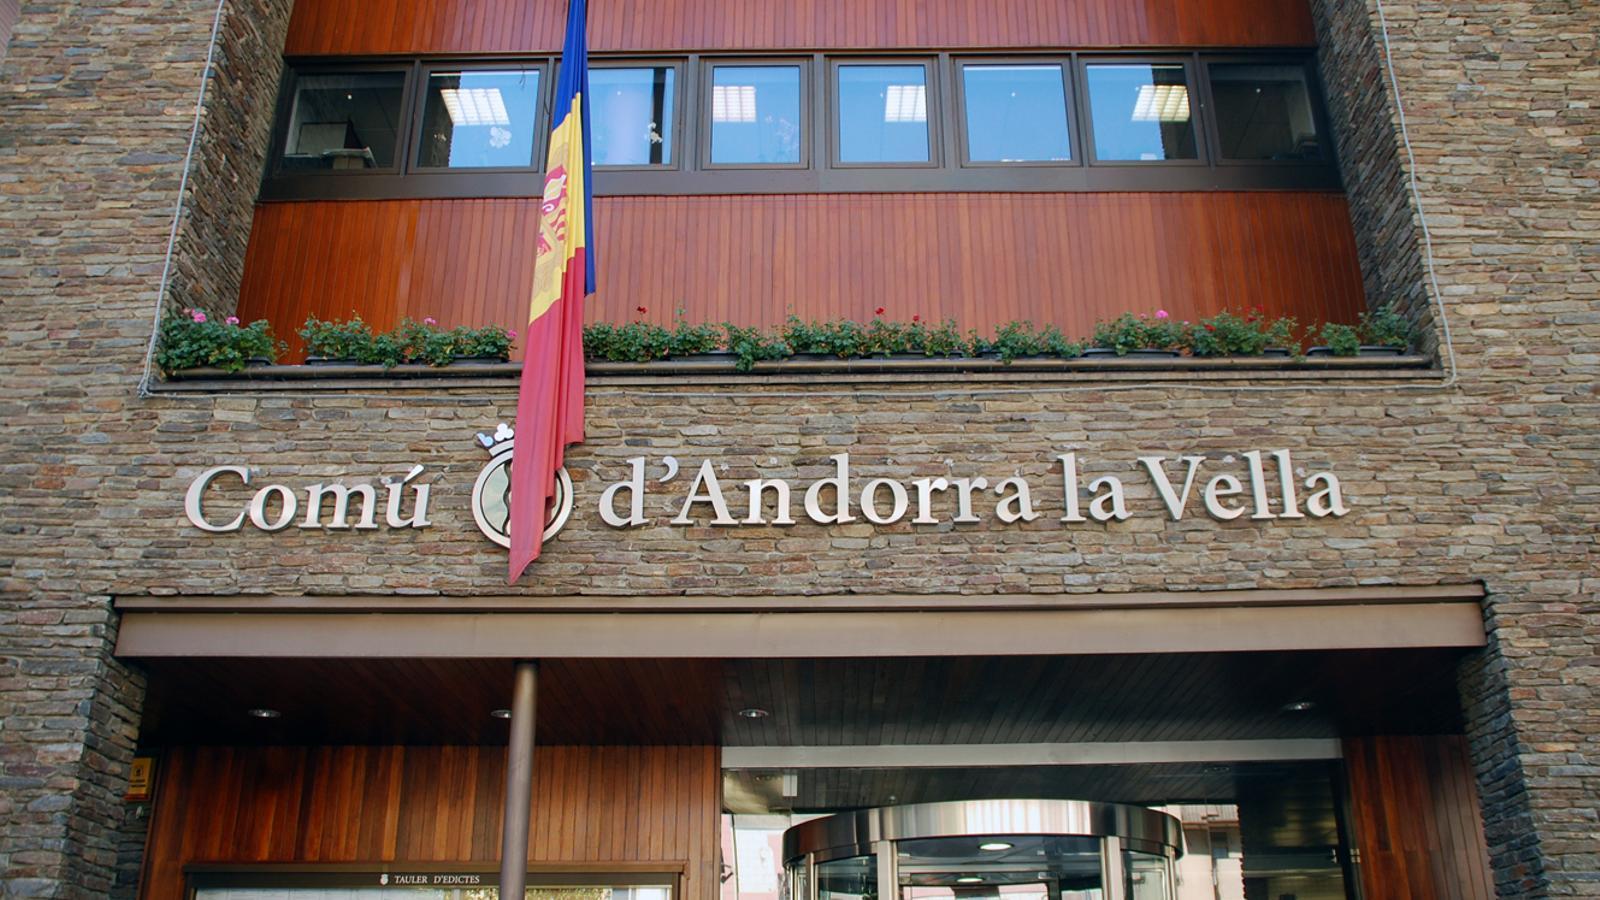 El comú d'Andorra la Vella crearà una comissió per clarificar les persones afectades pel GAdA